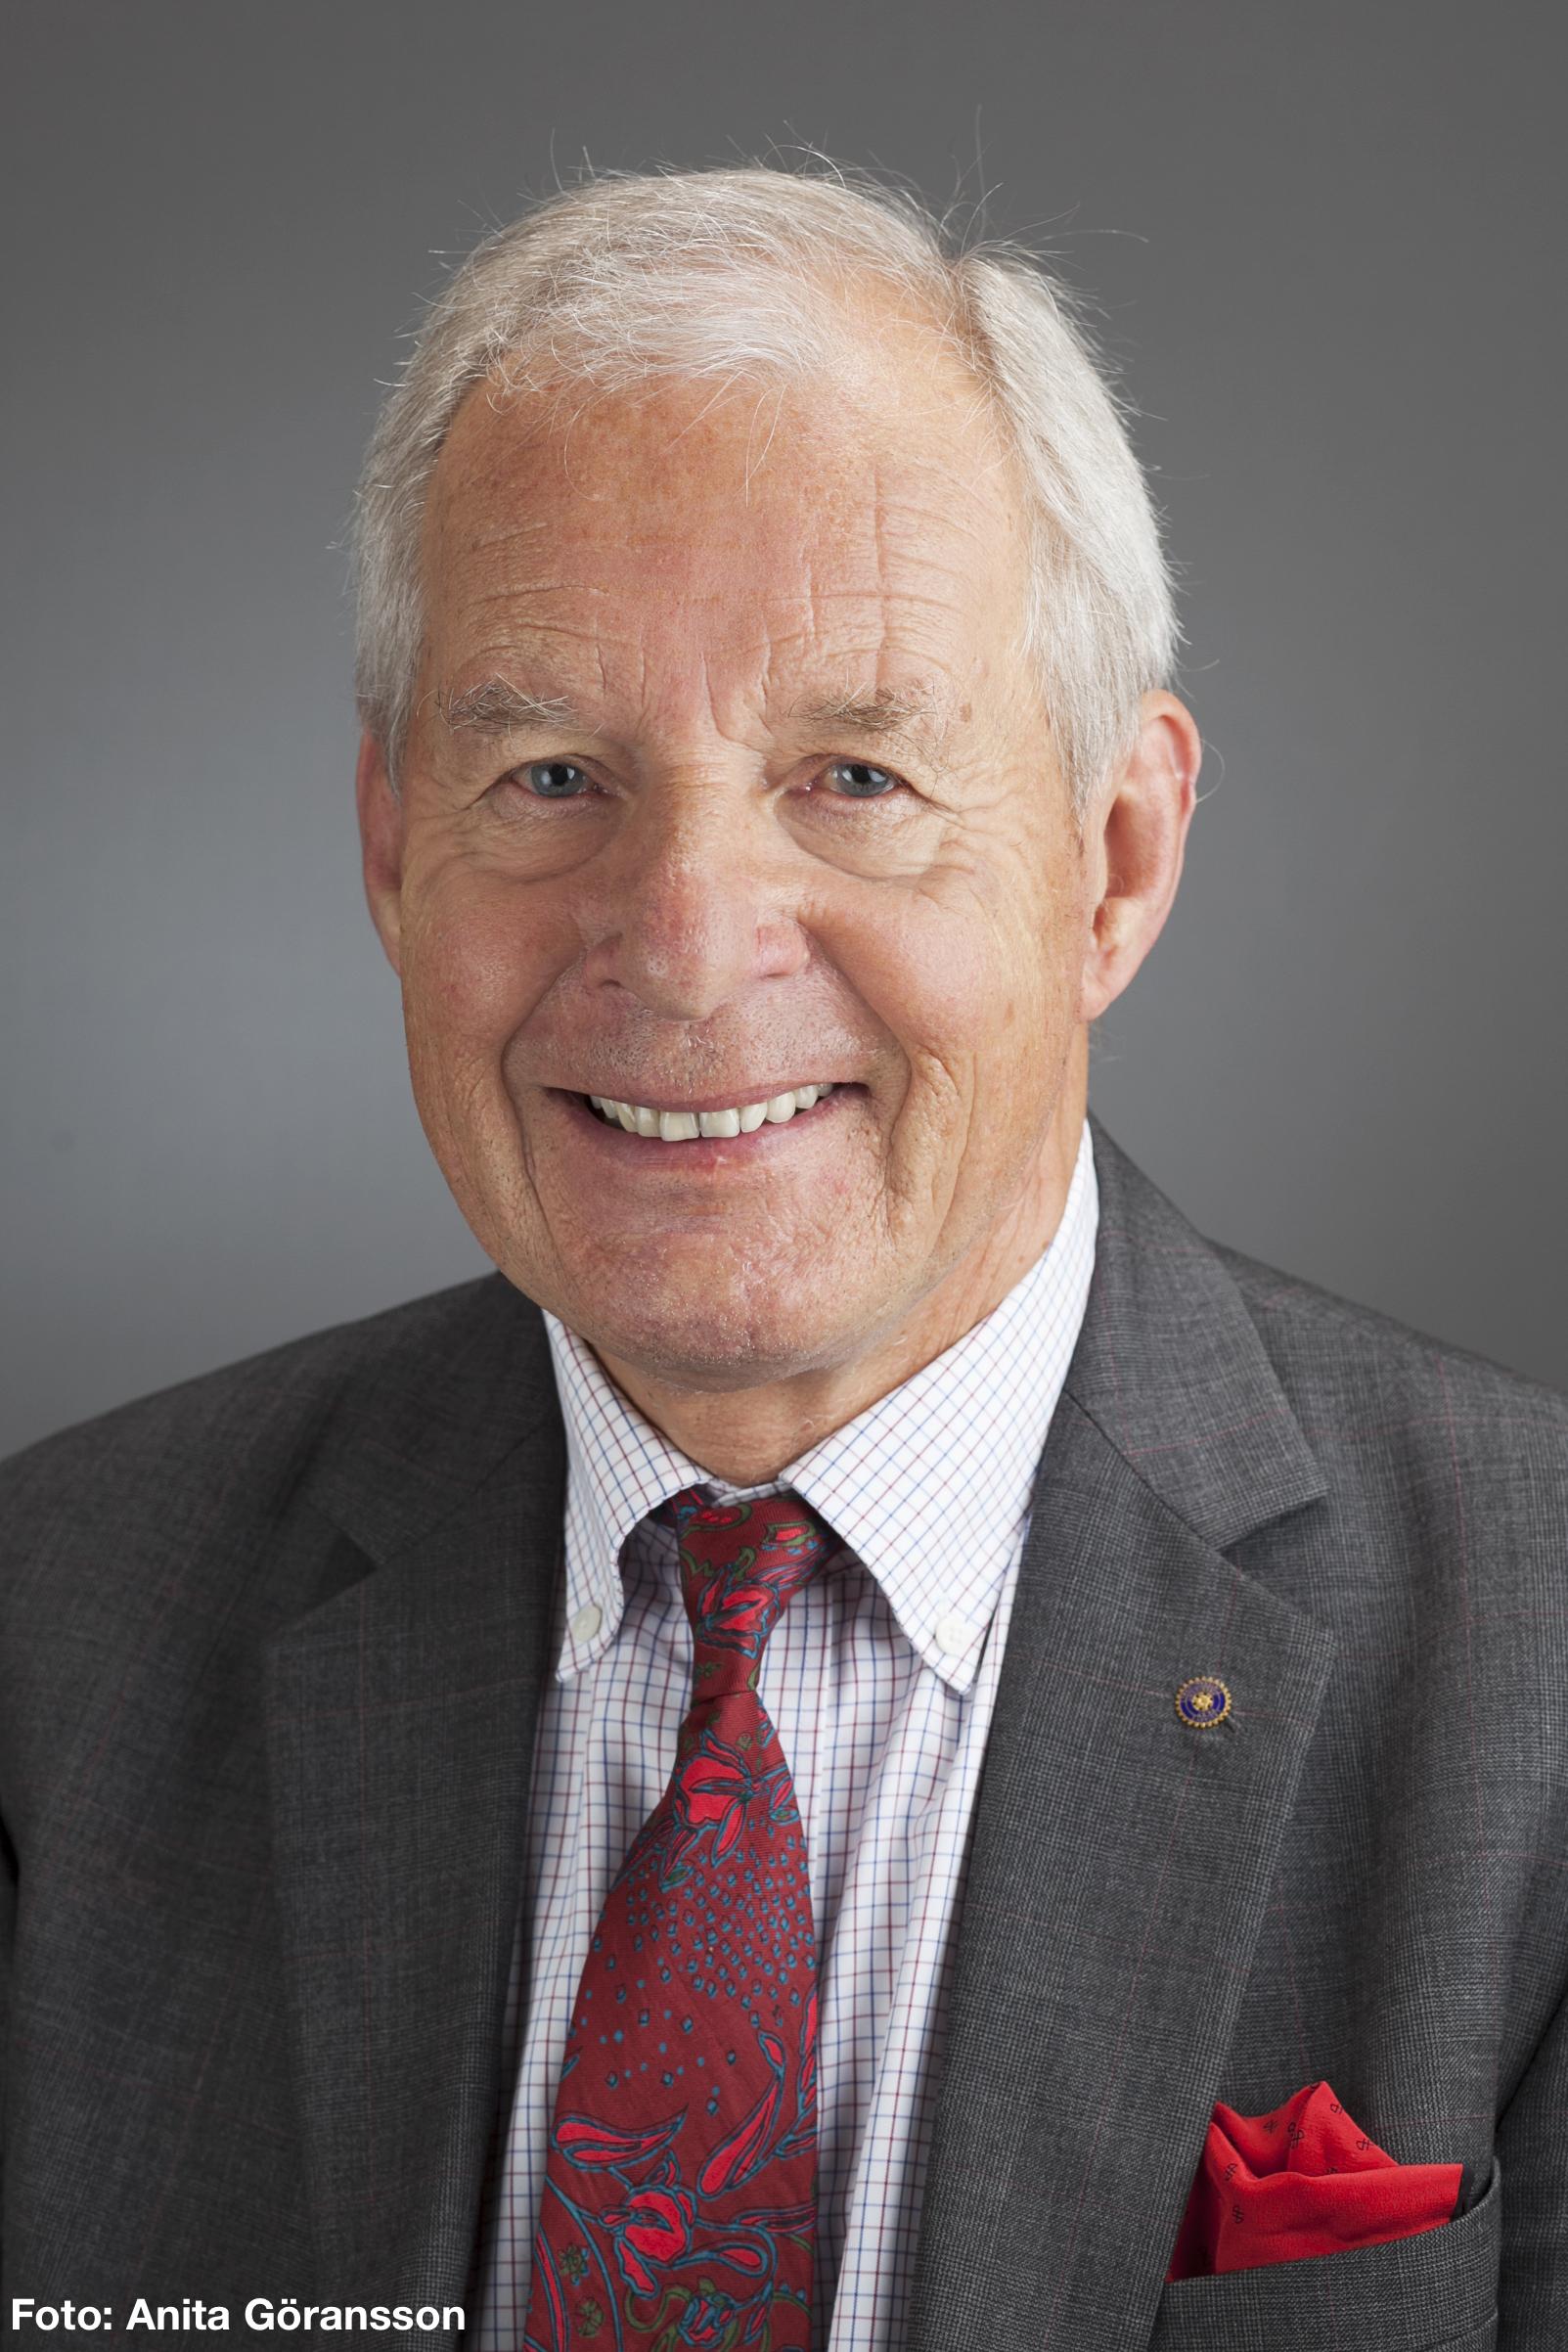 Carl-Johan Carlborg